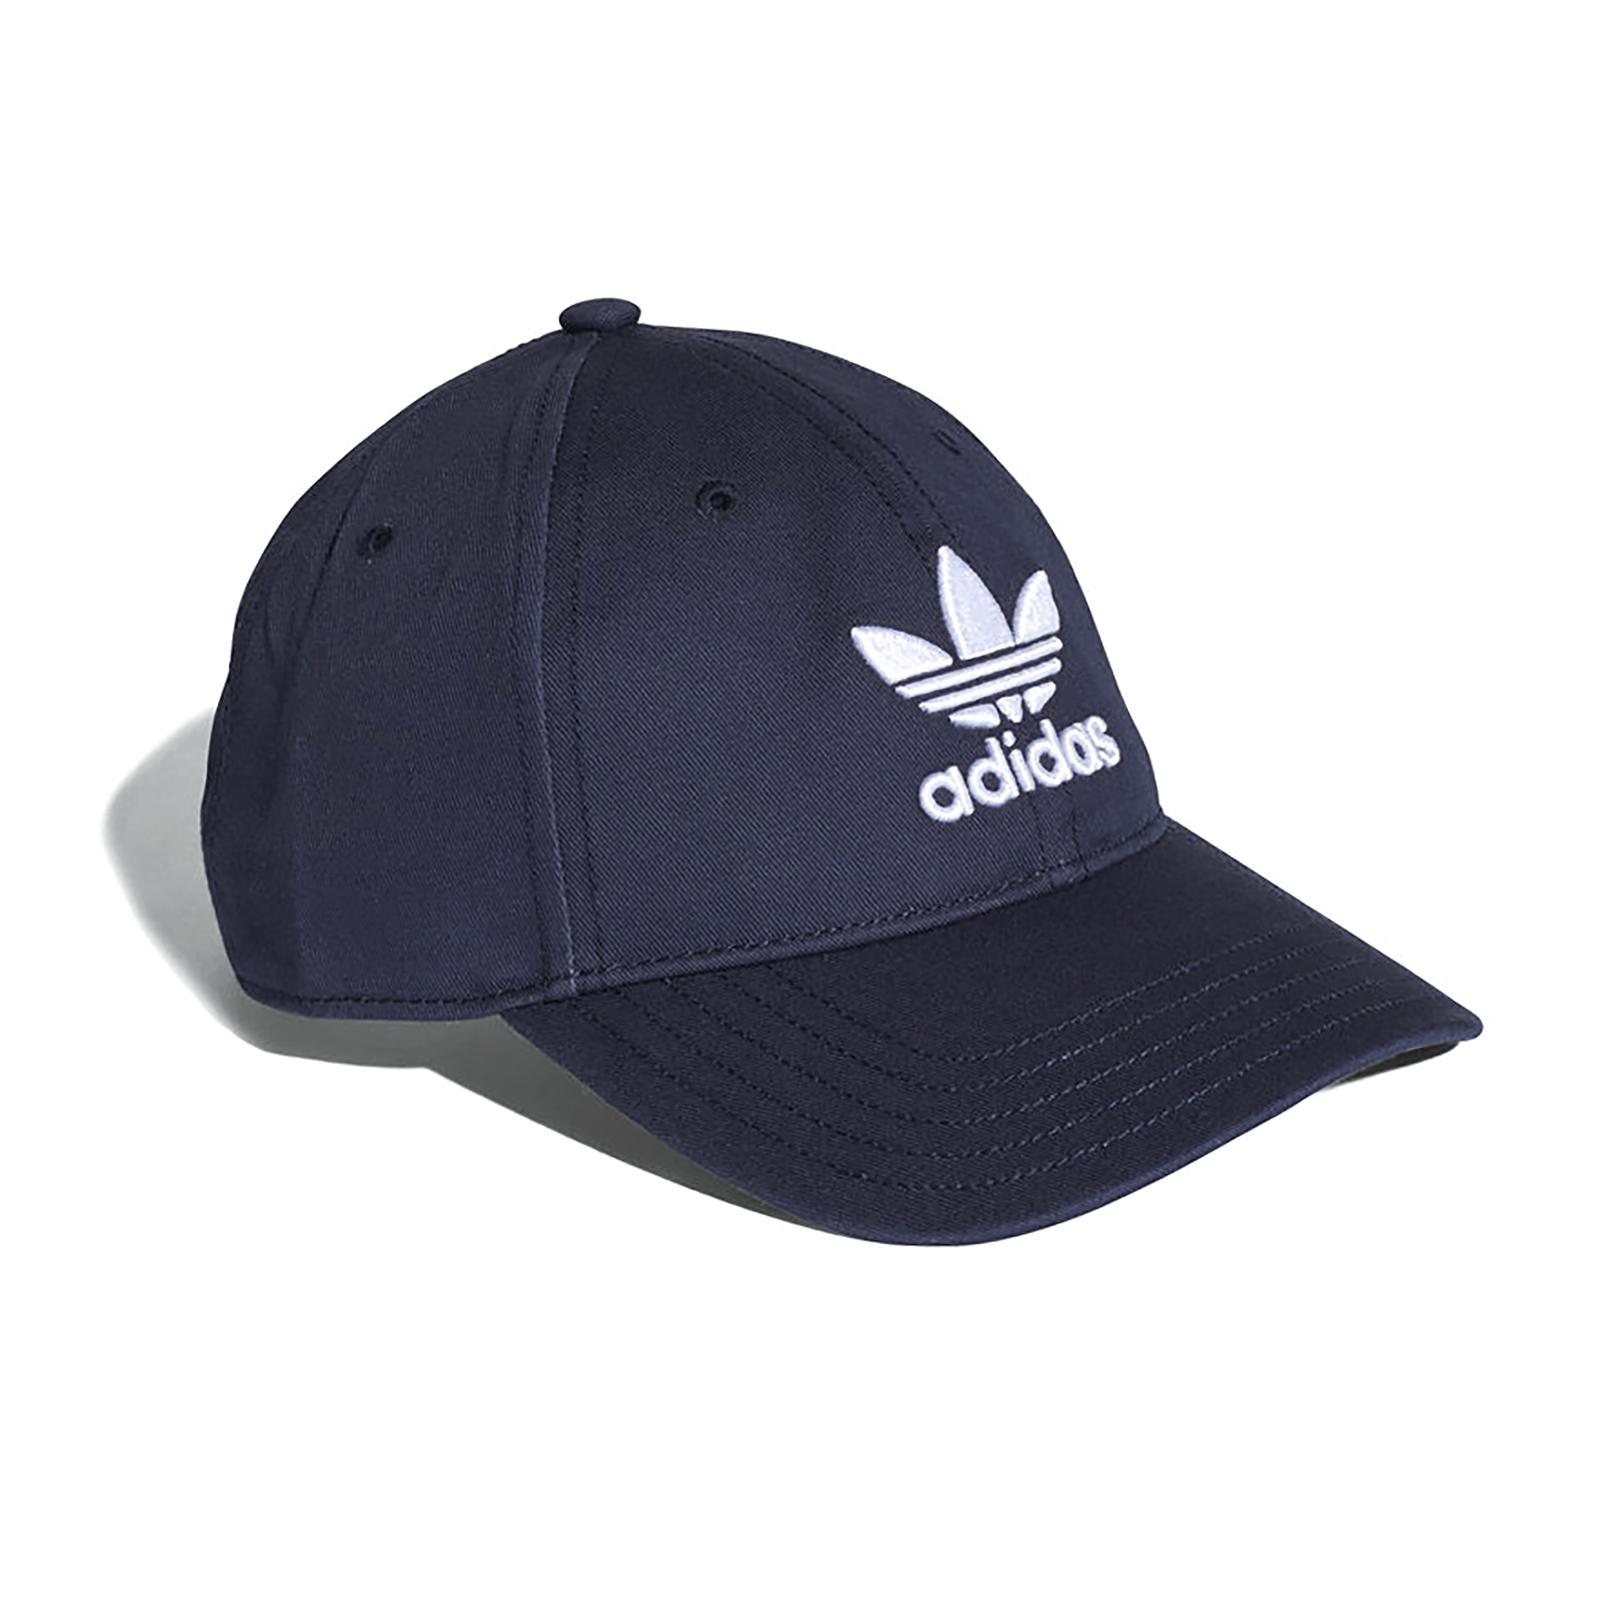 3d596771a49 Adidas Cappelli Trefoil Cap Collegiate Navy White Blue